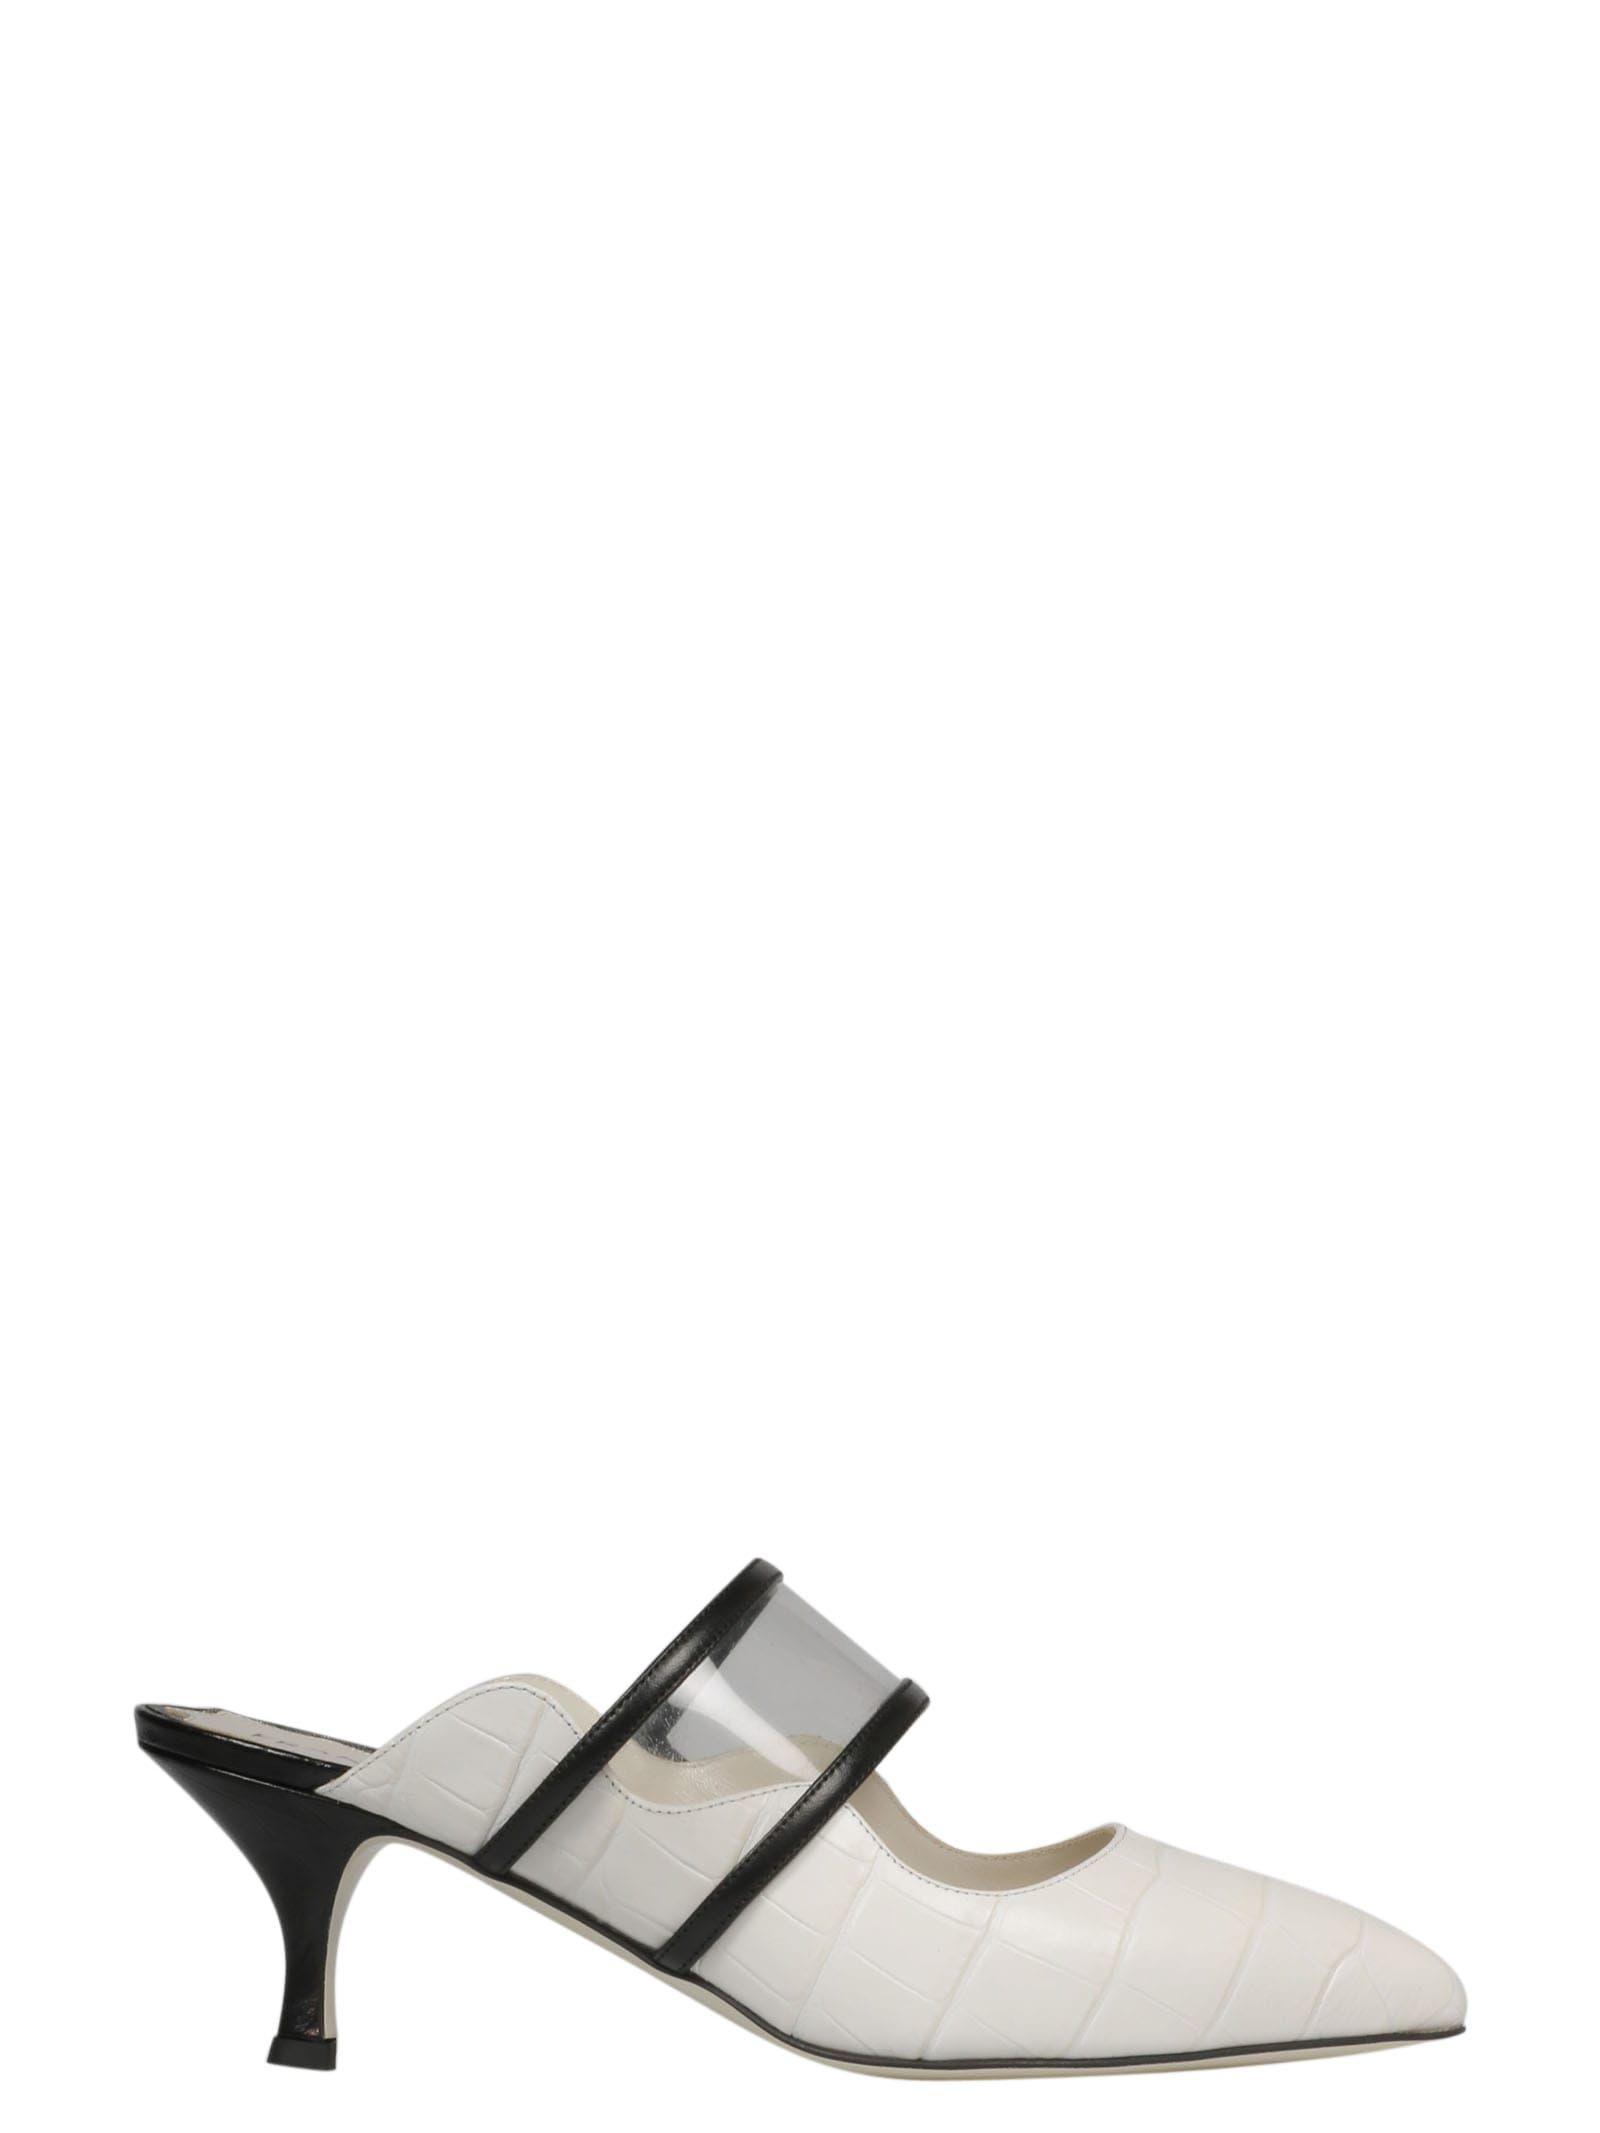 Best Price On The Market At Italist 360 Sweater 360 Cashmere Sija Cardigan In 2020 Kitten Heel Sandals Sandals Heels Kitten Heel Shoes